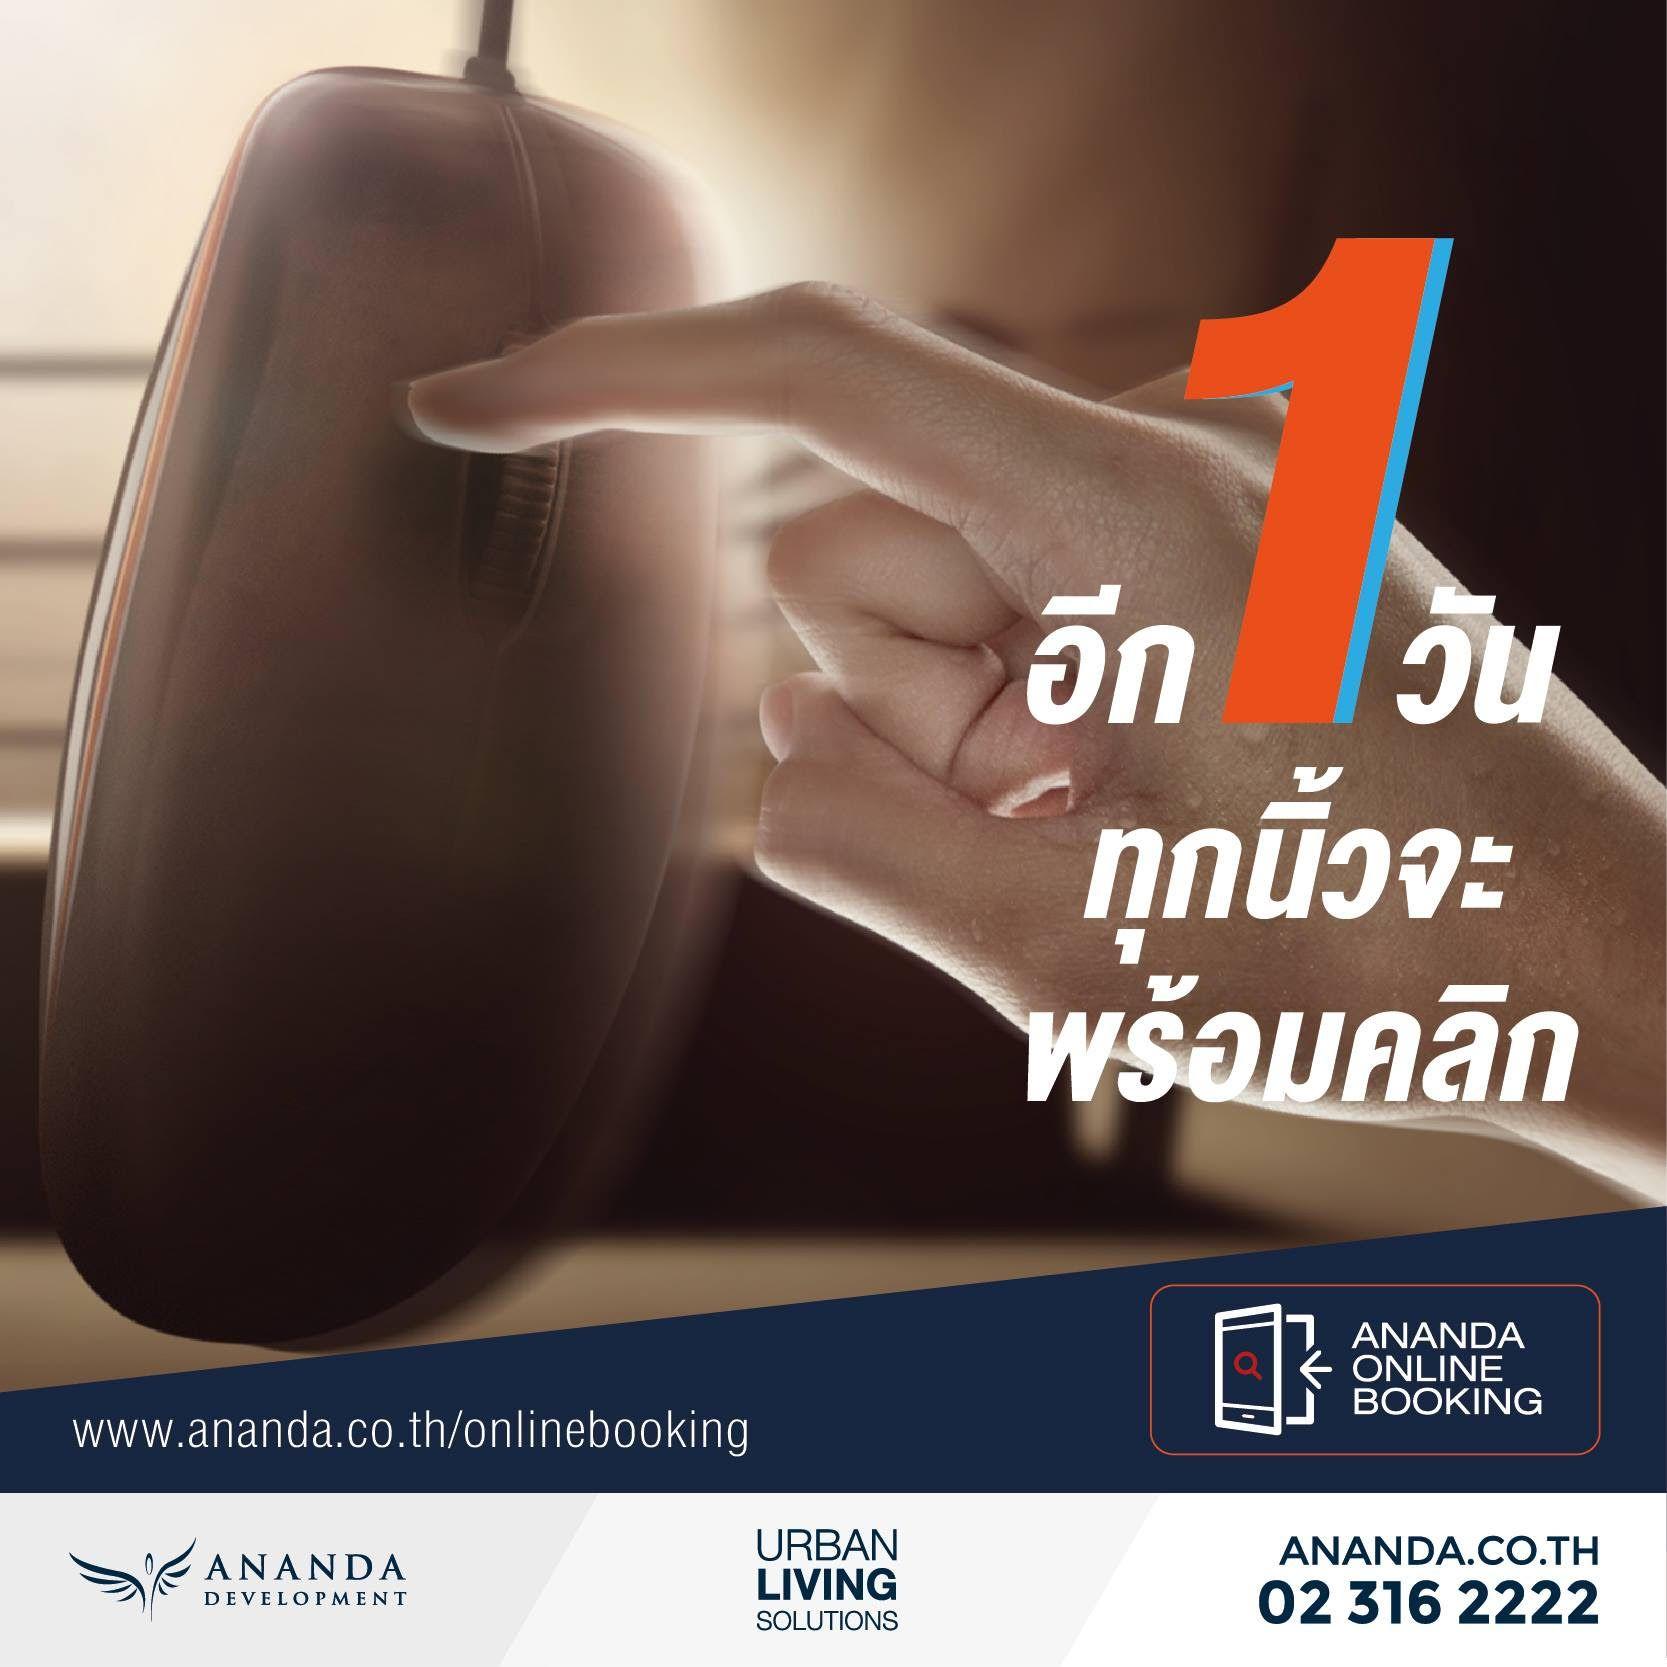 """""""Ananda Online Booking"""" เปิดให้จองวันที่ 13 มิ.ย.นี้ เที่ยงวัน – 3ทุ่ม กับ 3 โครงการใหม่"""